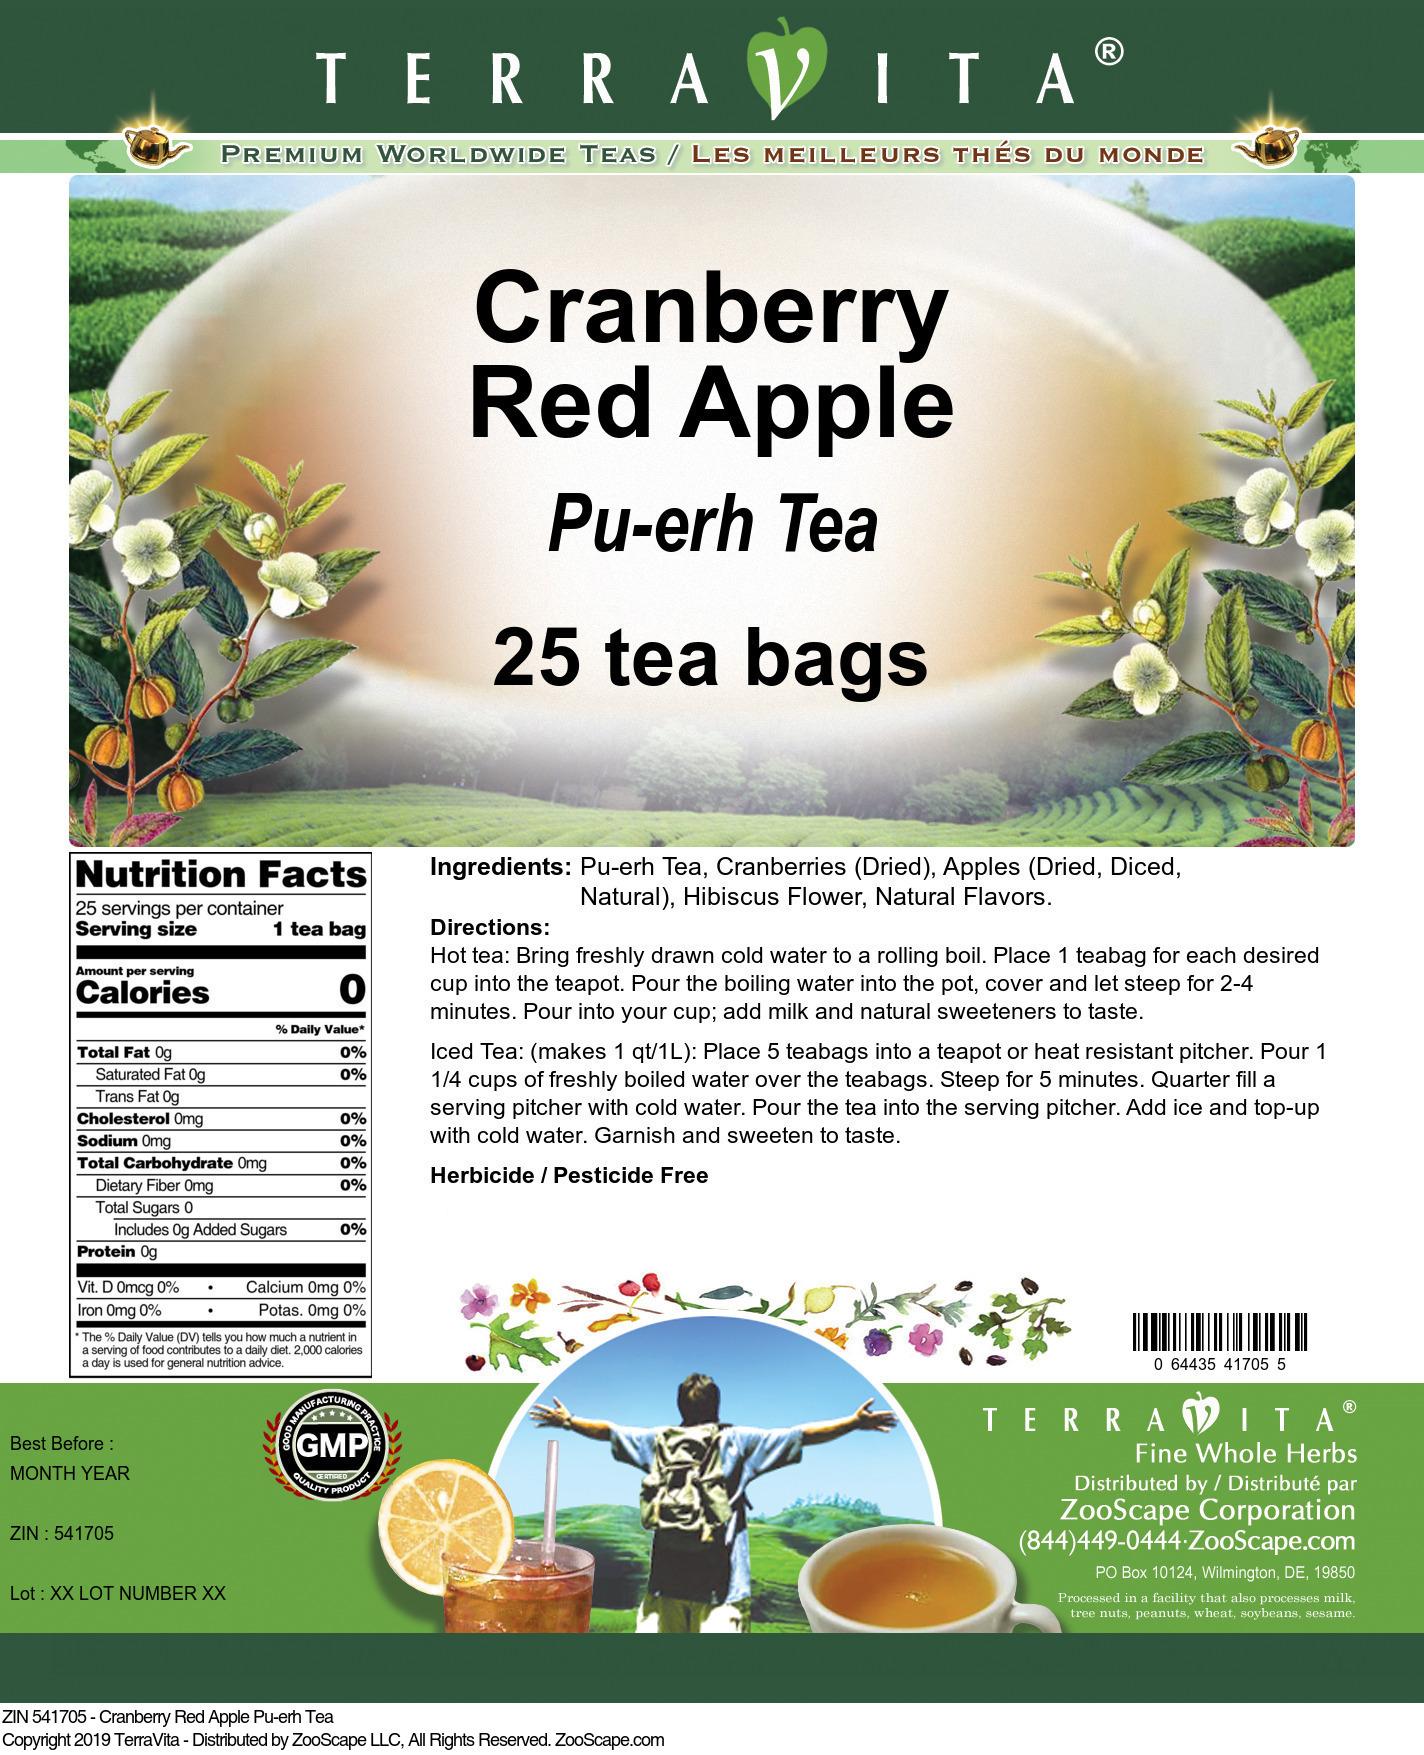 Cranberry Red Apple Pu-erh Tea